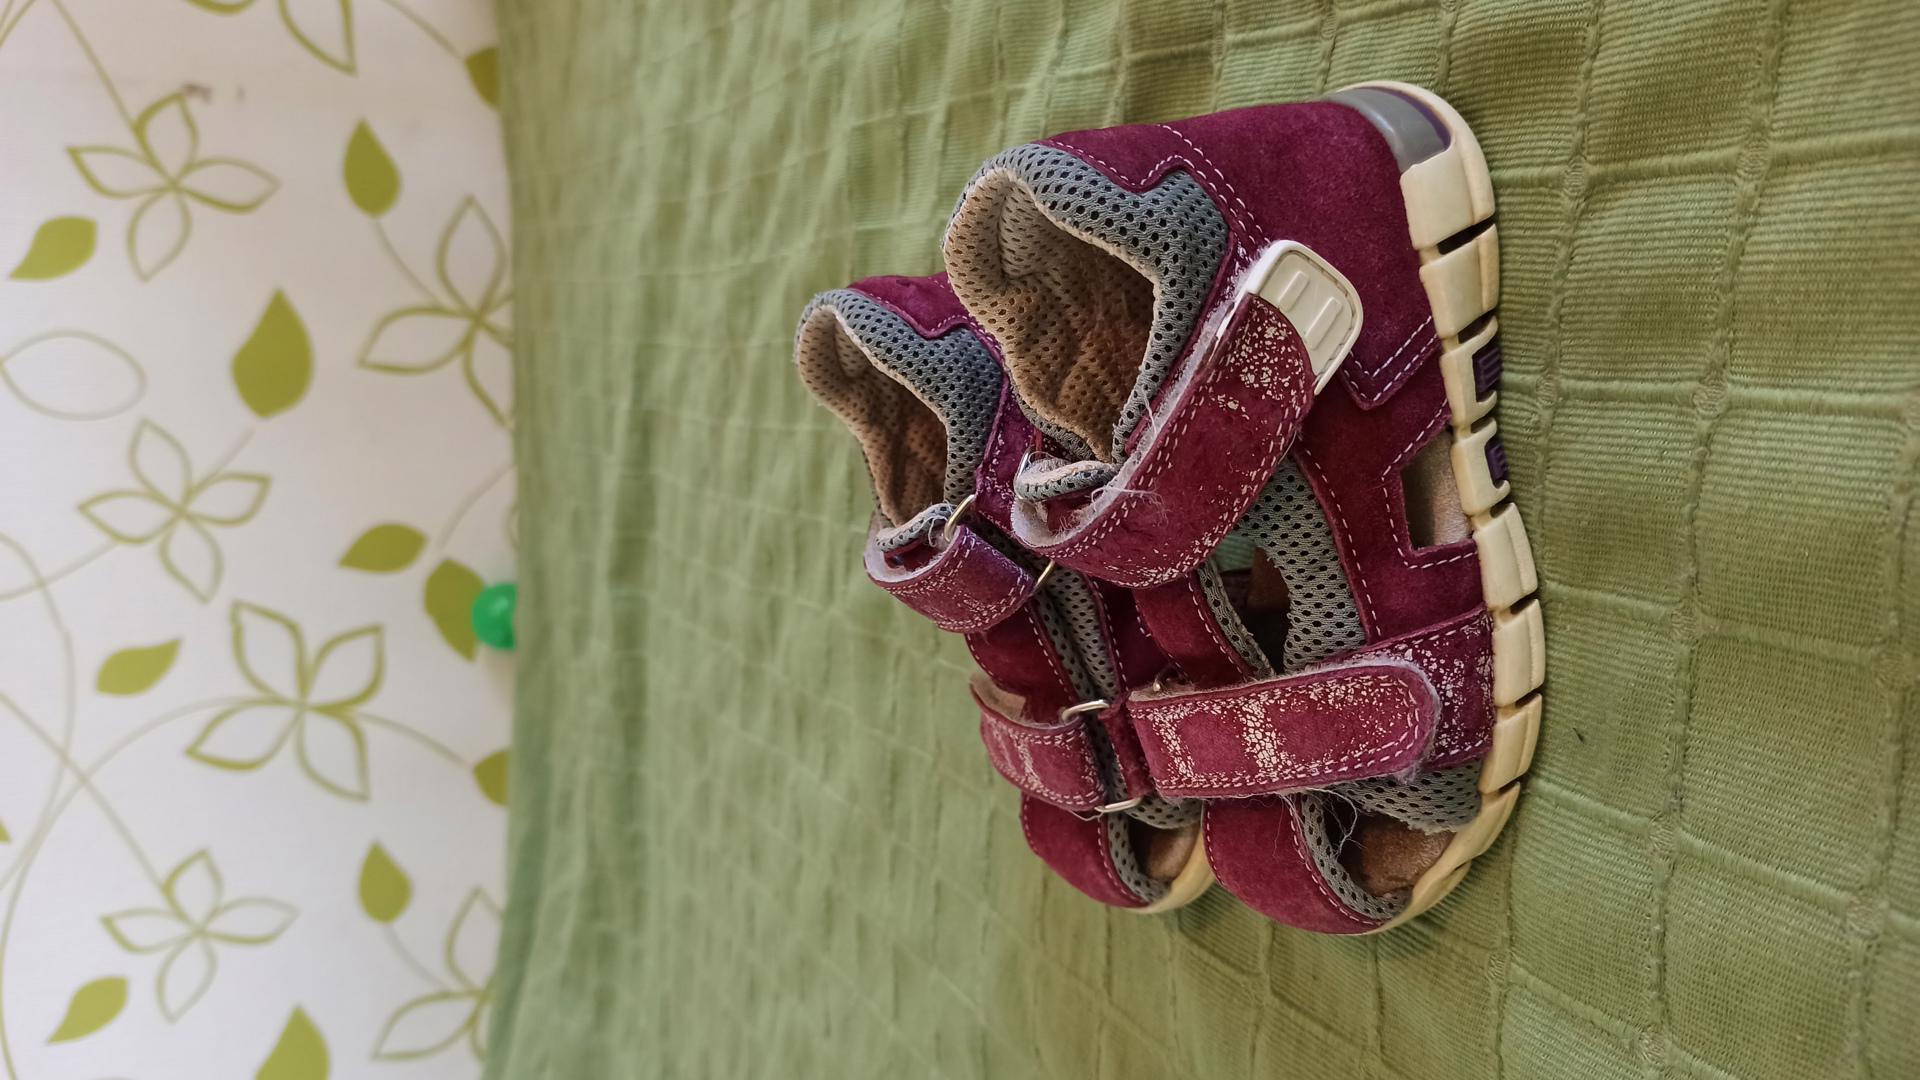 Sante detske sandale - foto 1